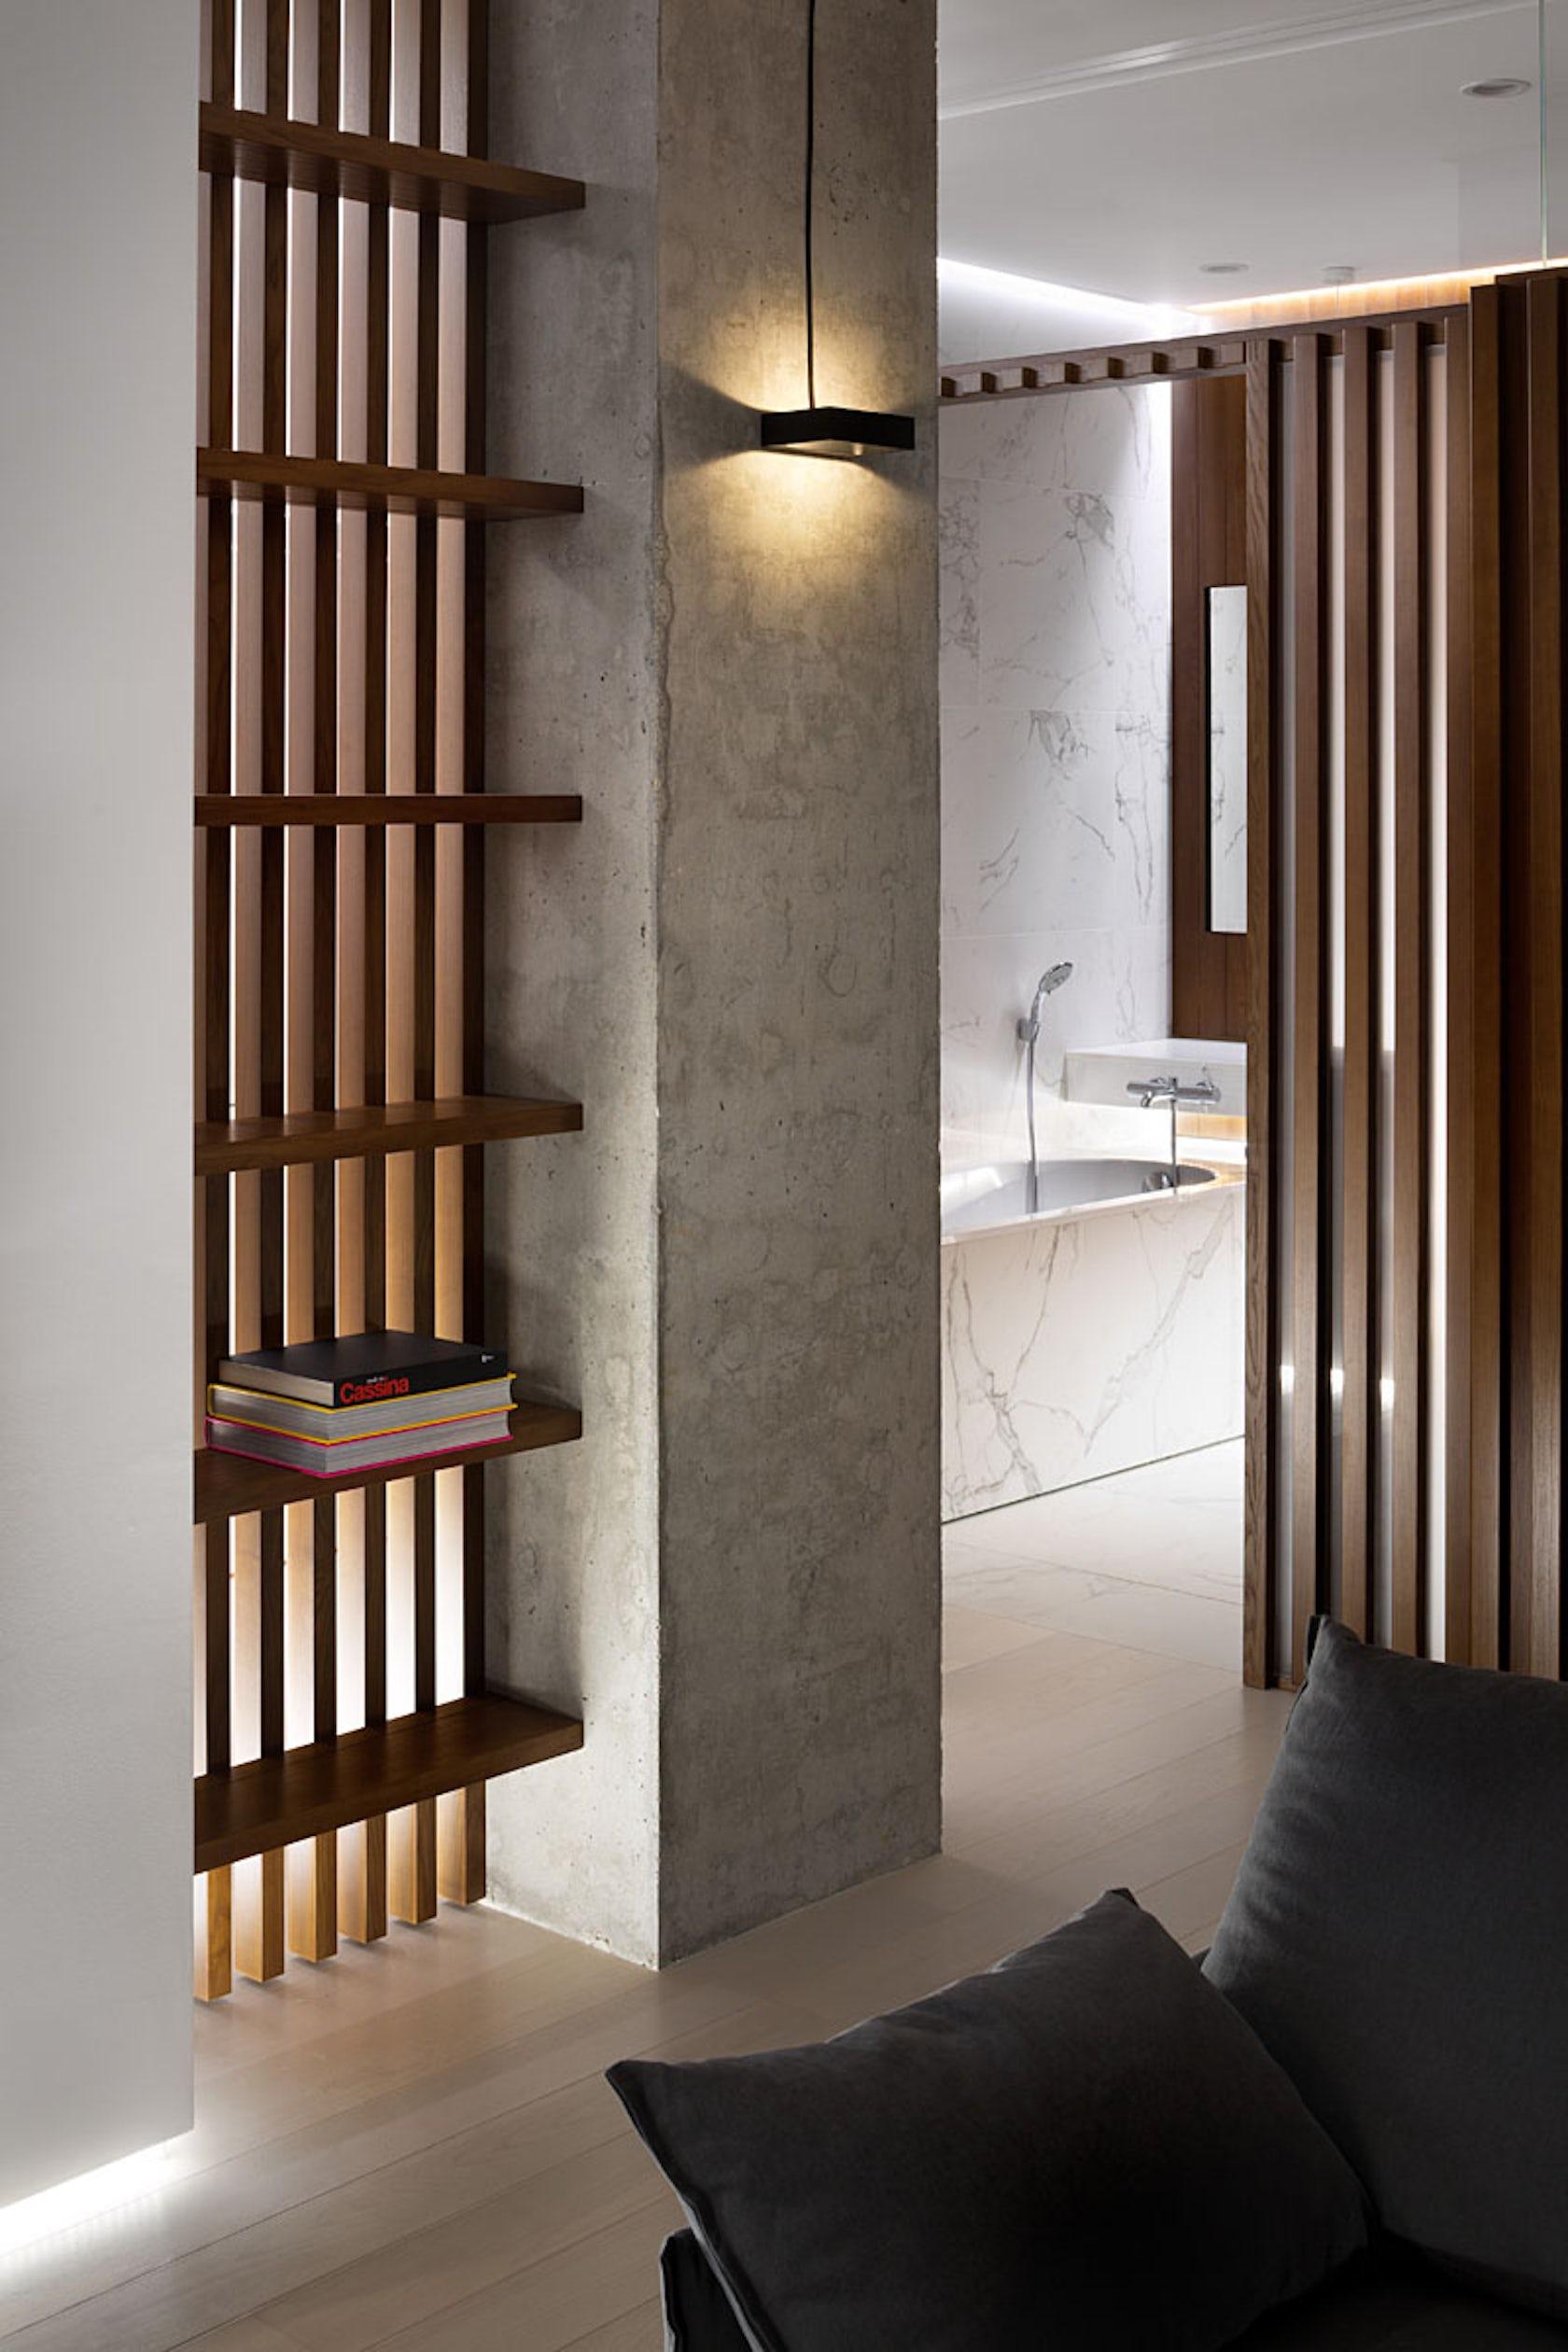 Stylish Laconic And Functional New York Loft Style: Elegant Minimalism